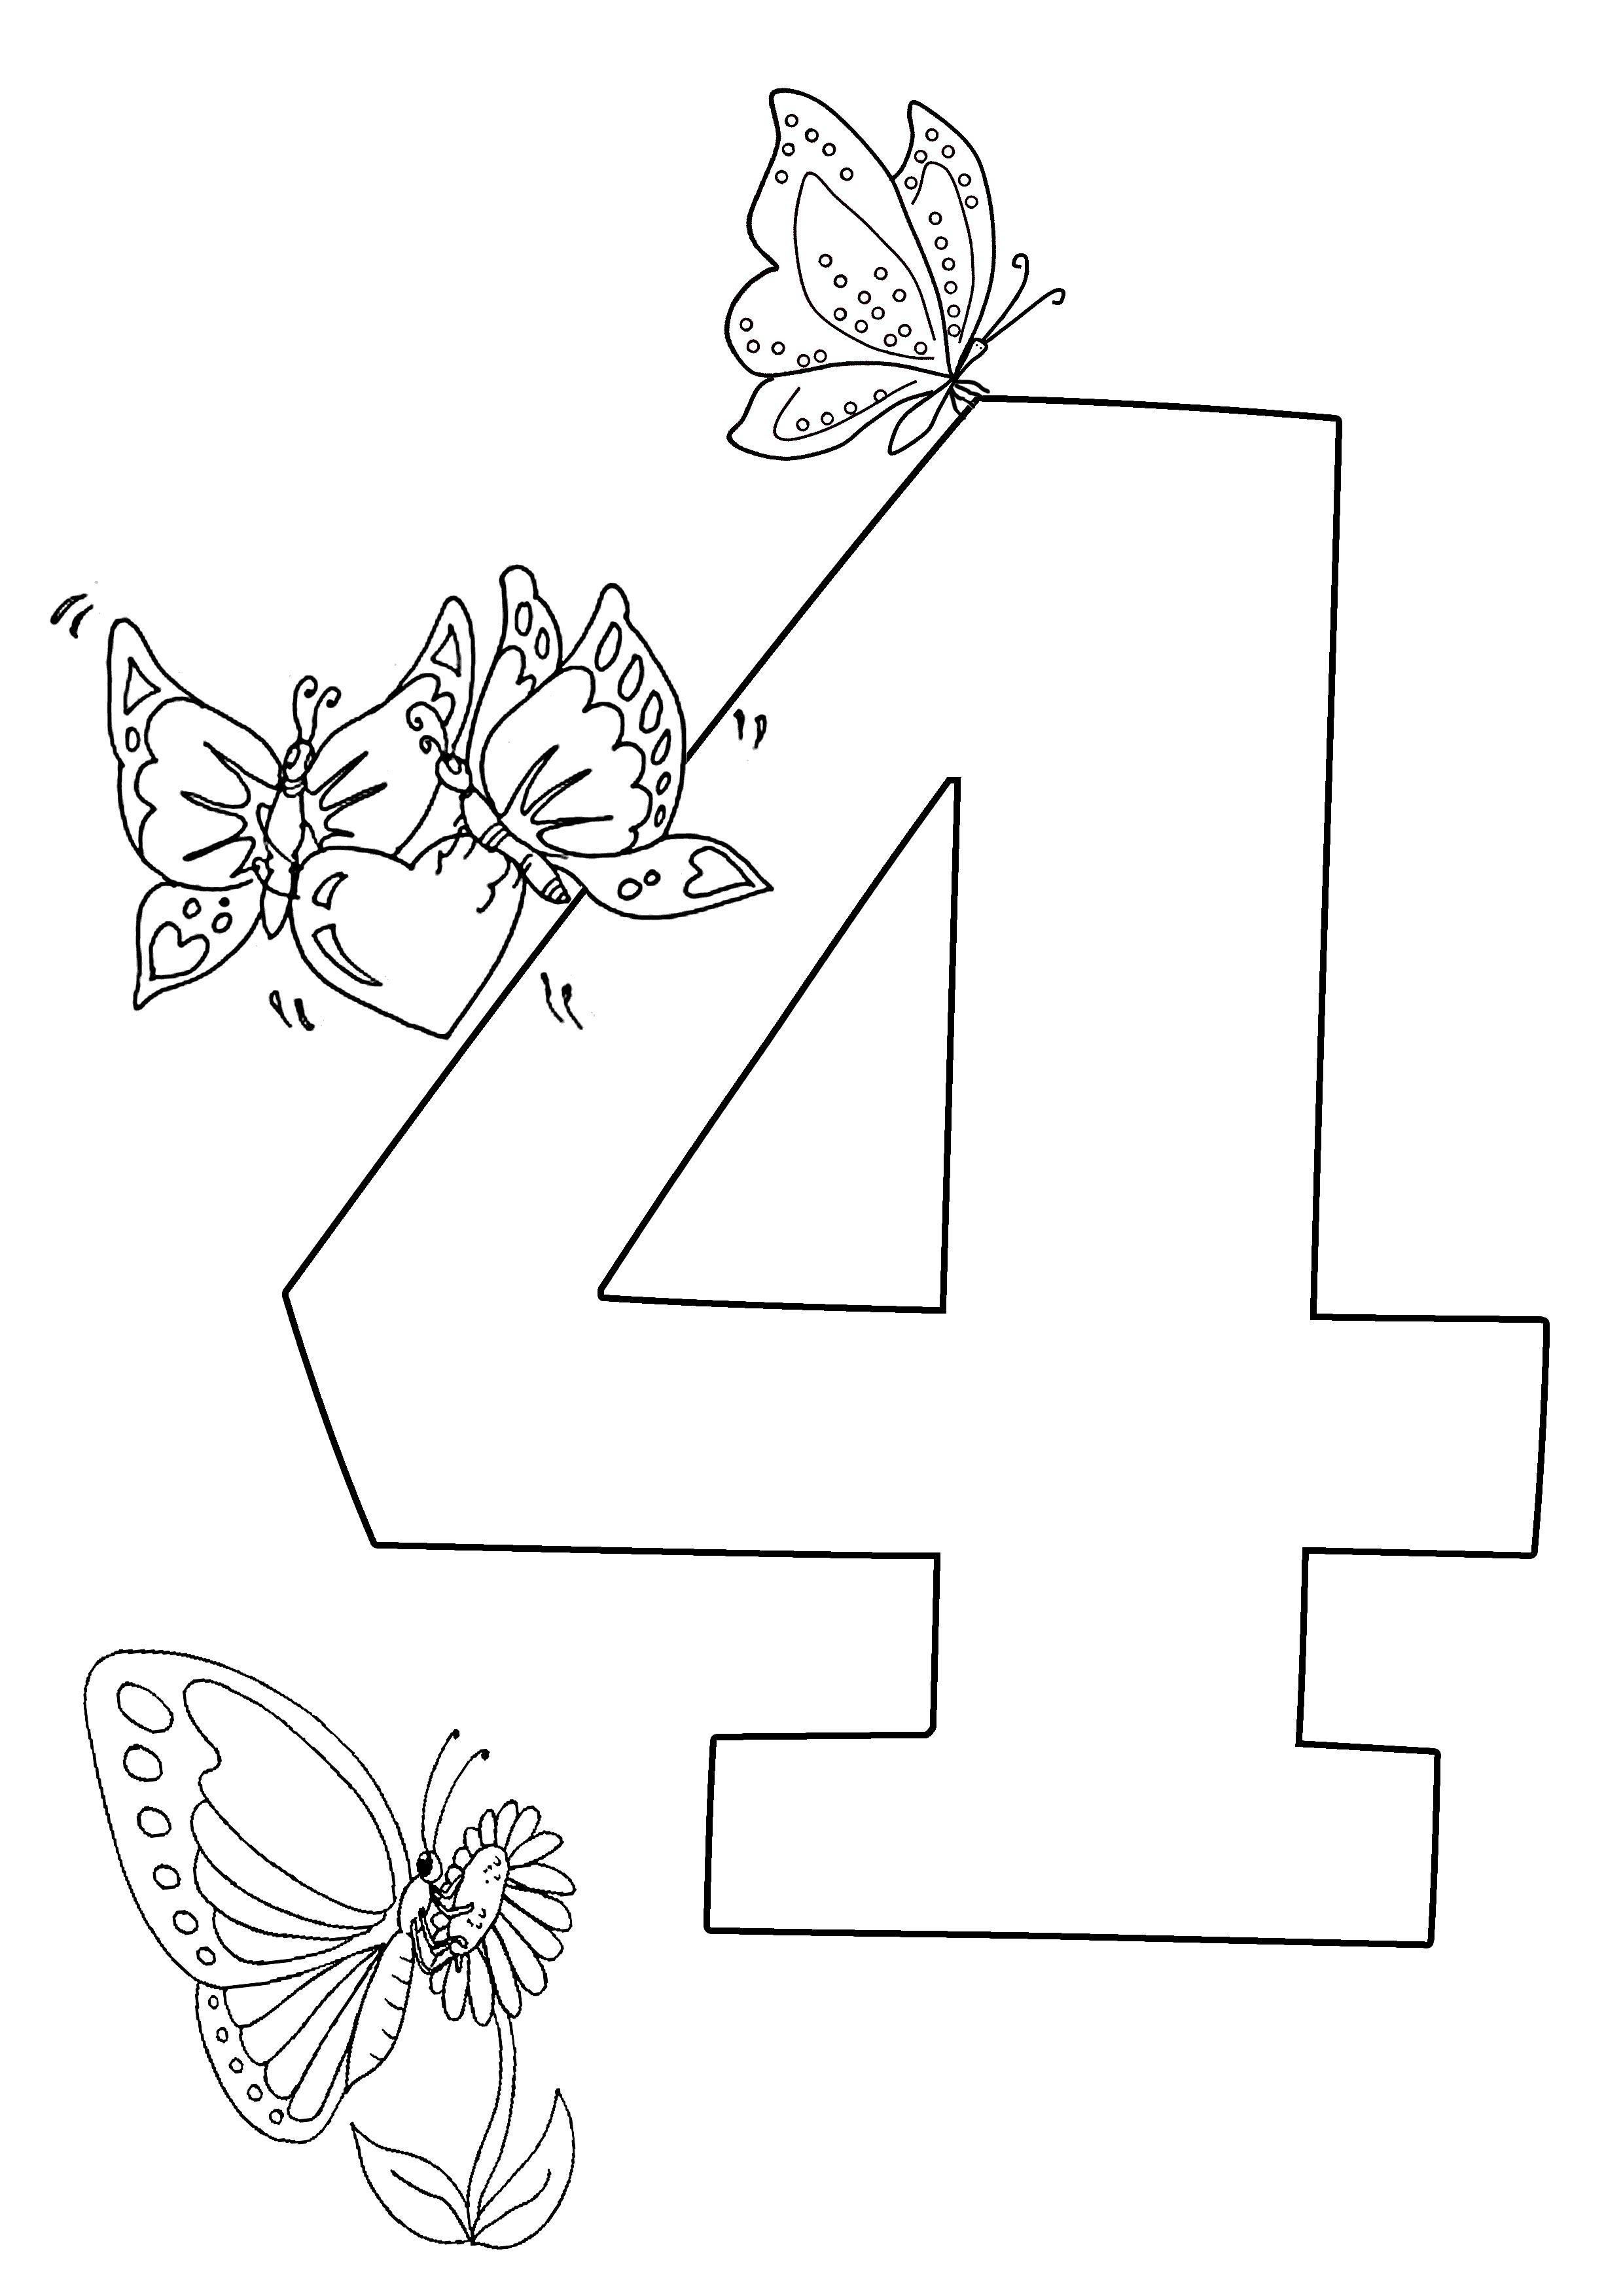 Цифры раскраски 4